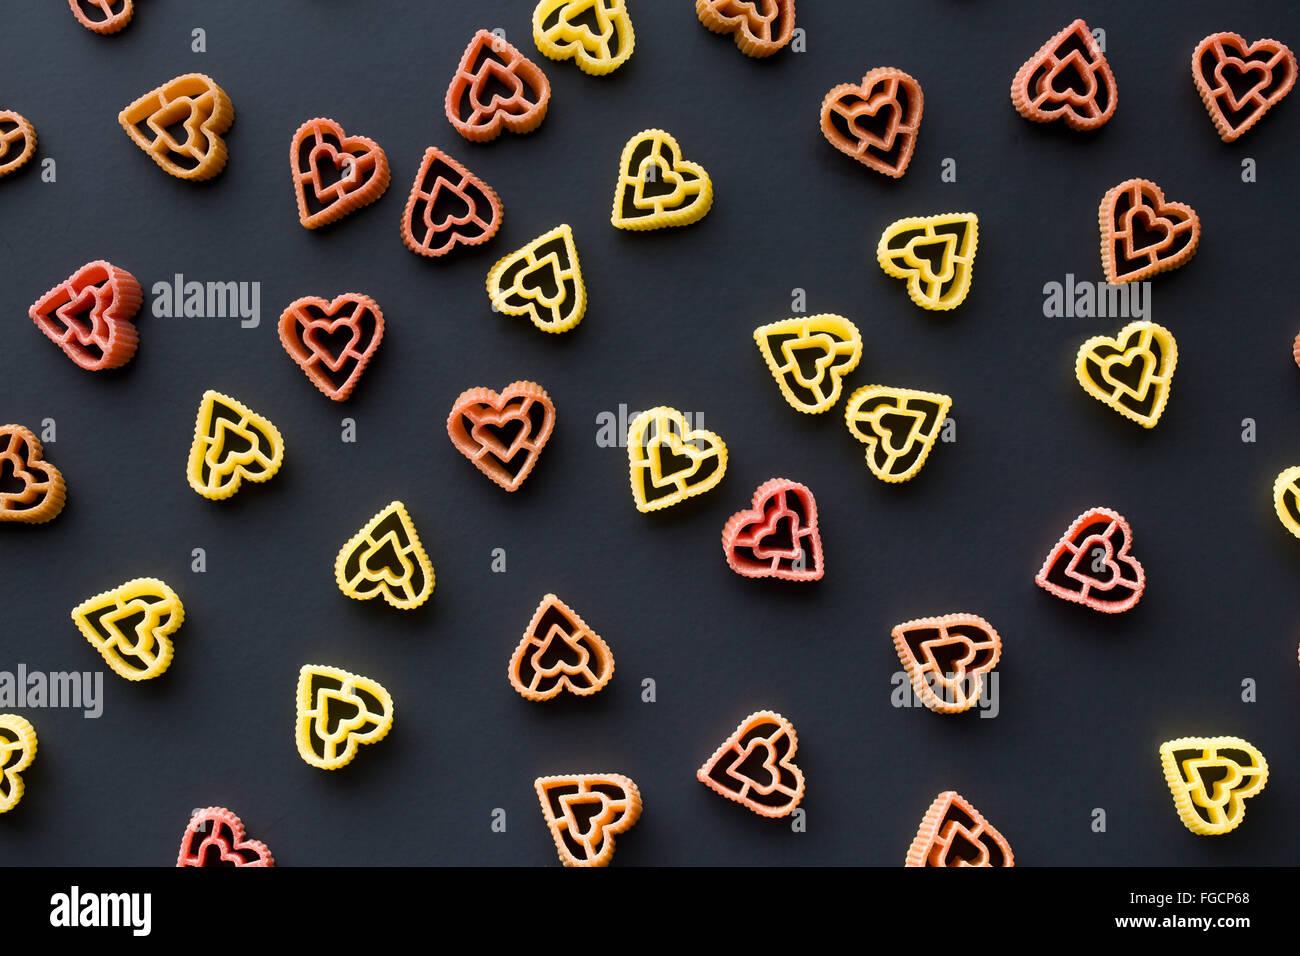 Pasta en forma de corazón sobre fondo negro Foto de stock